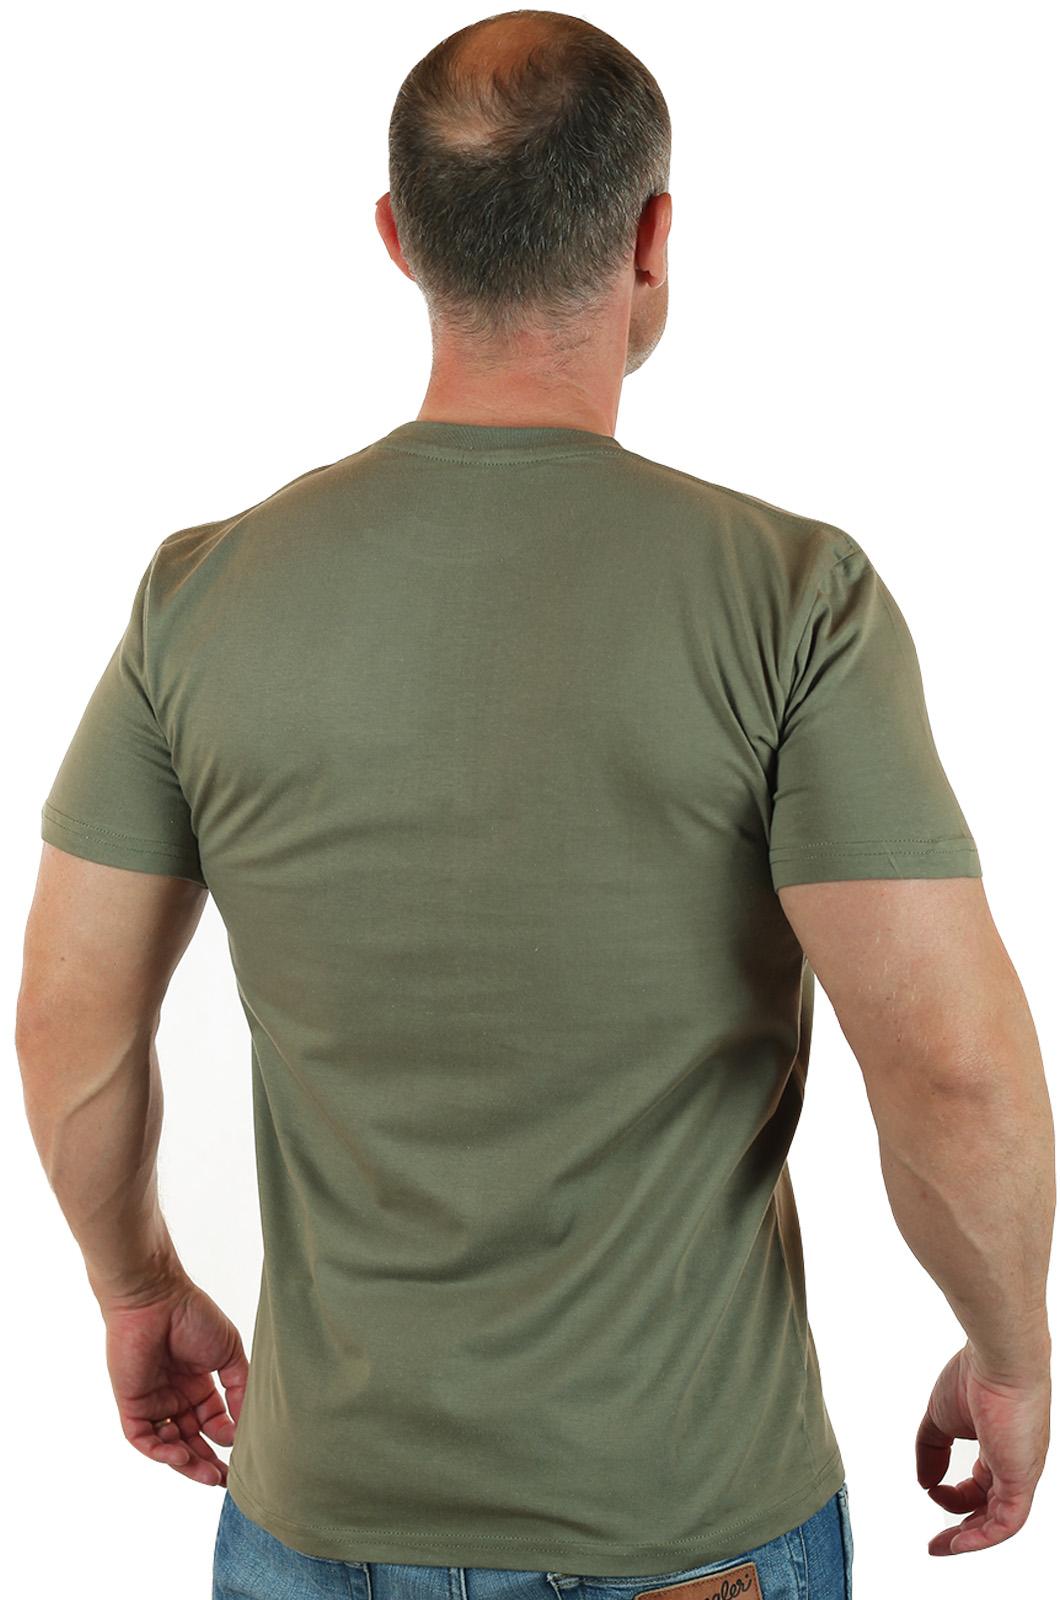 Трикотажная футболка хаки с нашивкой Пограничная служба купить оптом